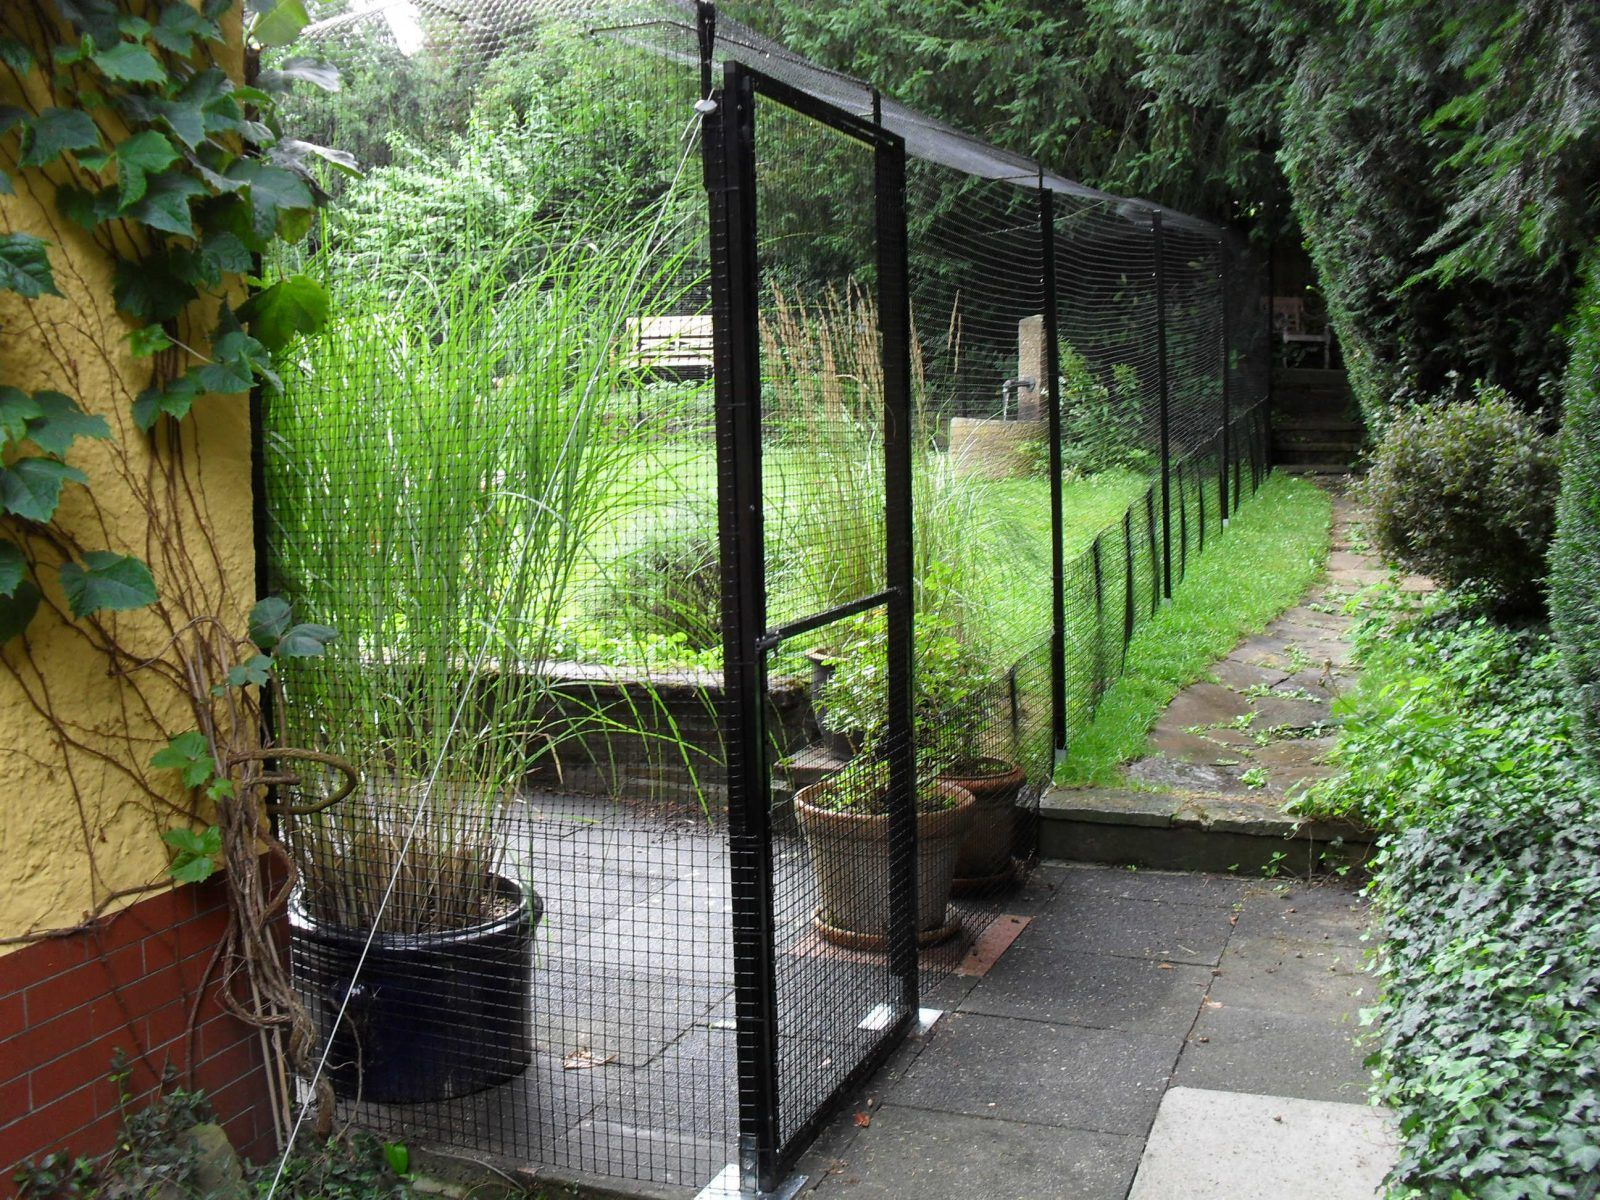 katzengehege system zur gartensicherung katzen pinterest katzen selber bauen und balkon. Black Bedroom Furniture Sets. Home Design Ideas